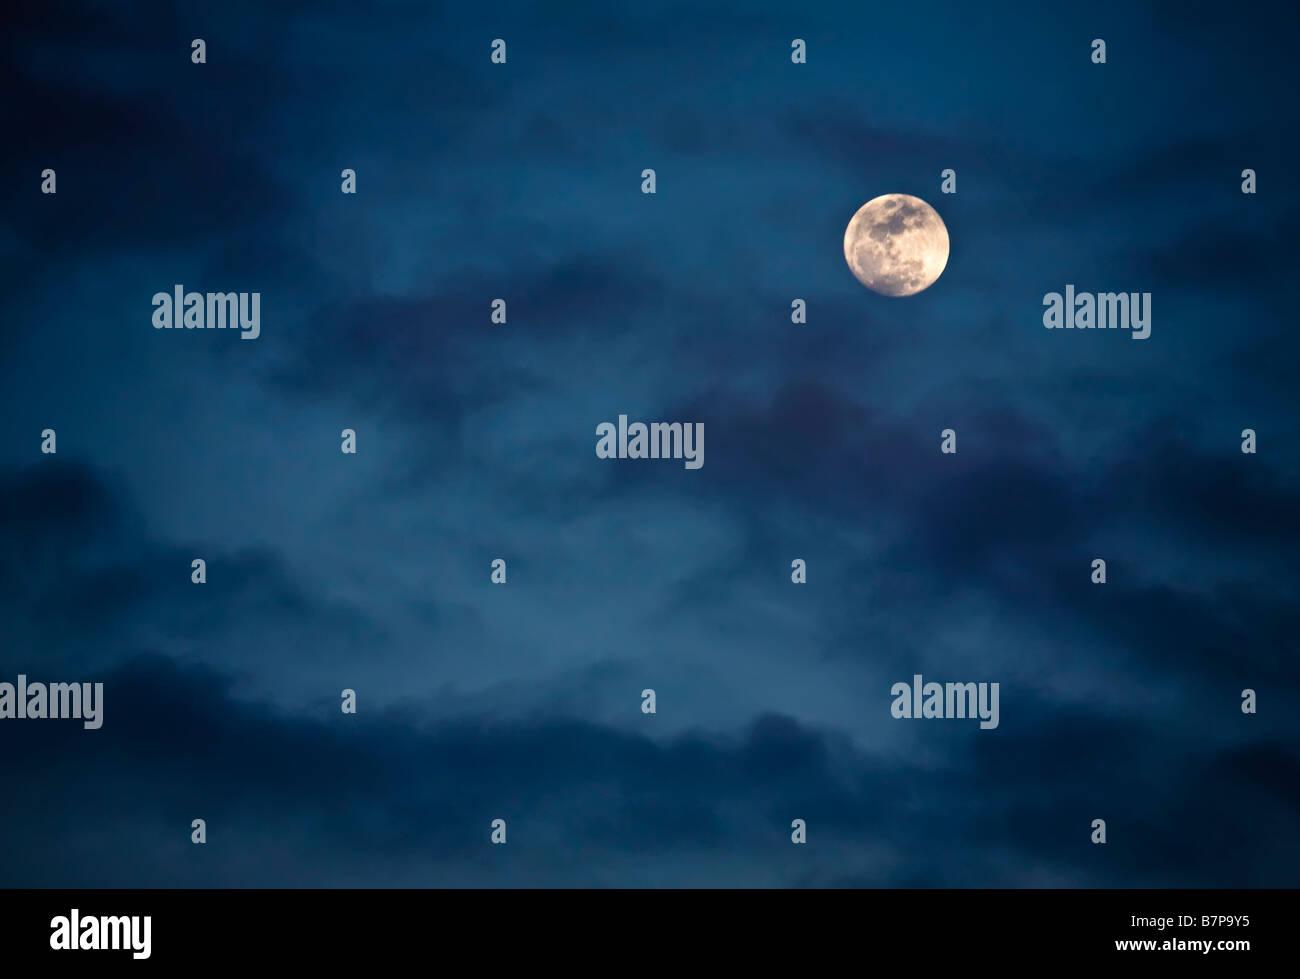 Mond gesehen durch Wolken Stockbild